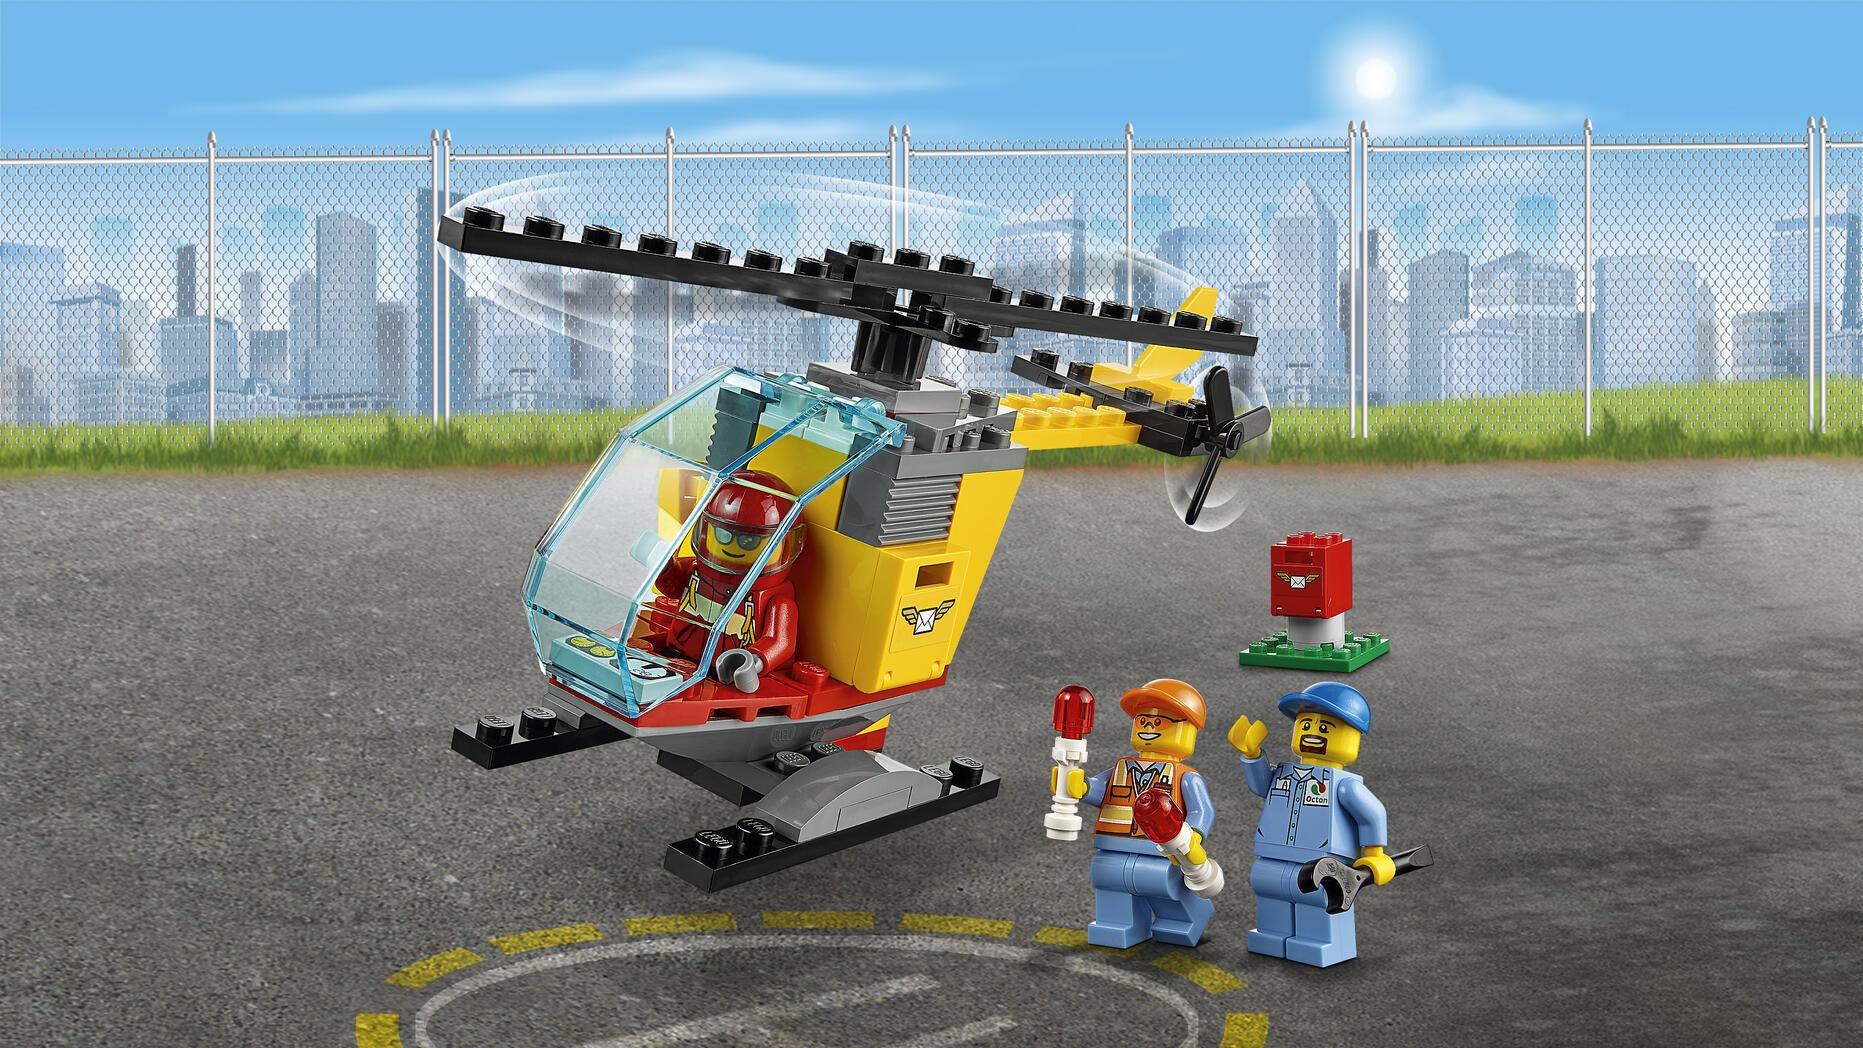 Aeroporto Lego : Lego city airport starter set aeroporto lego city